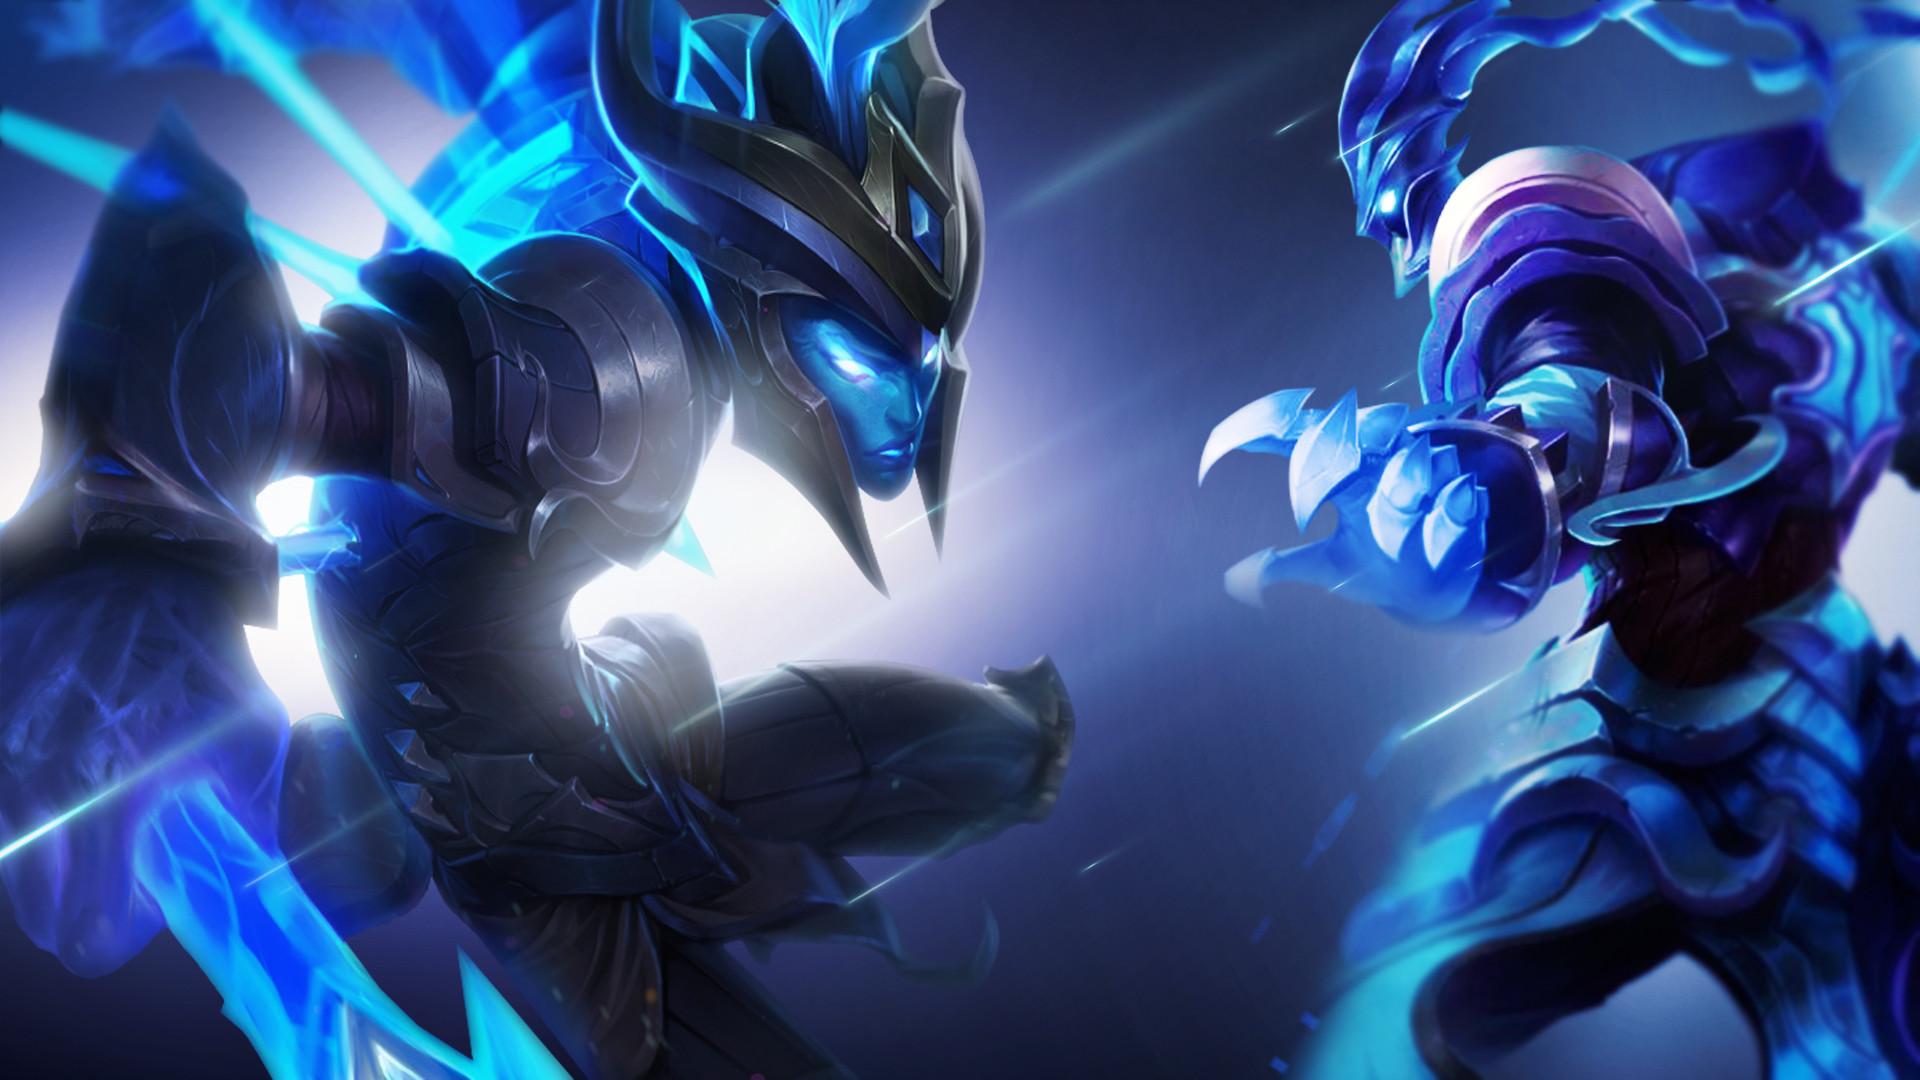 Video Game League Of Legends Kalista Thresh Wallpaper